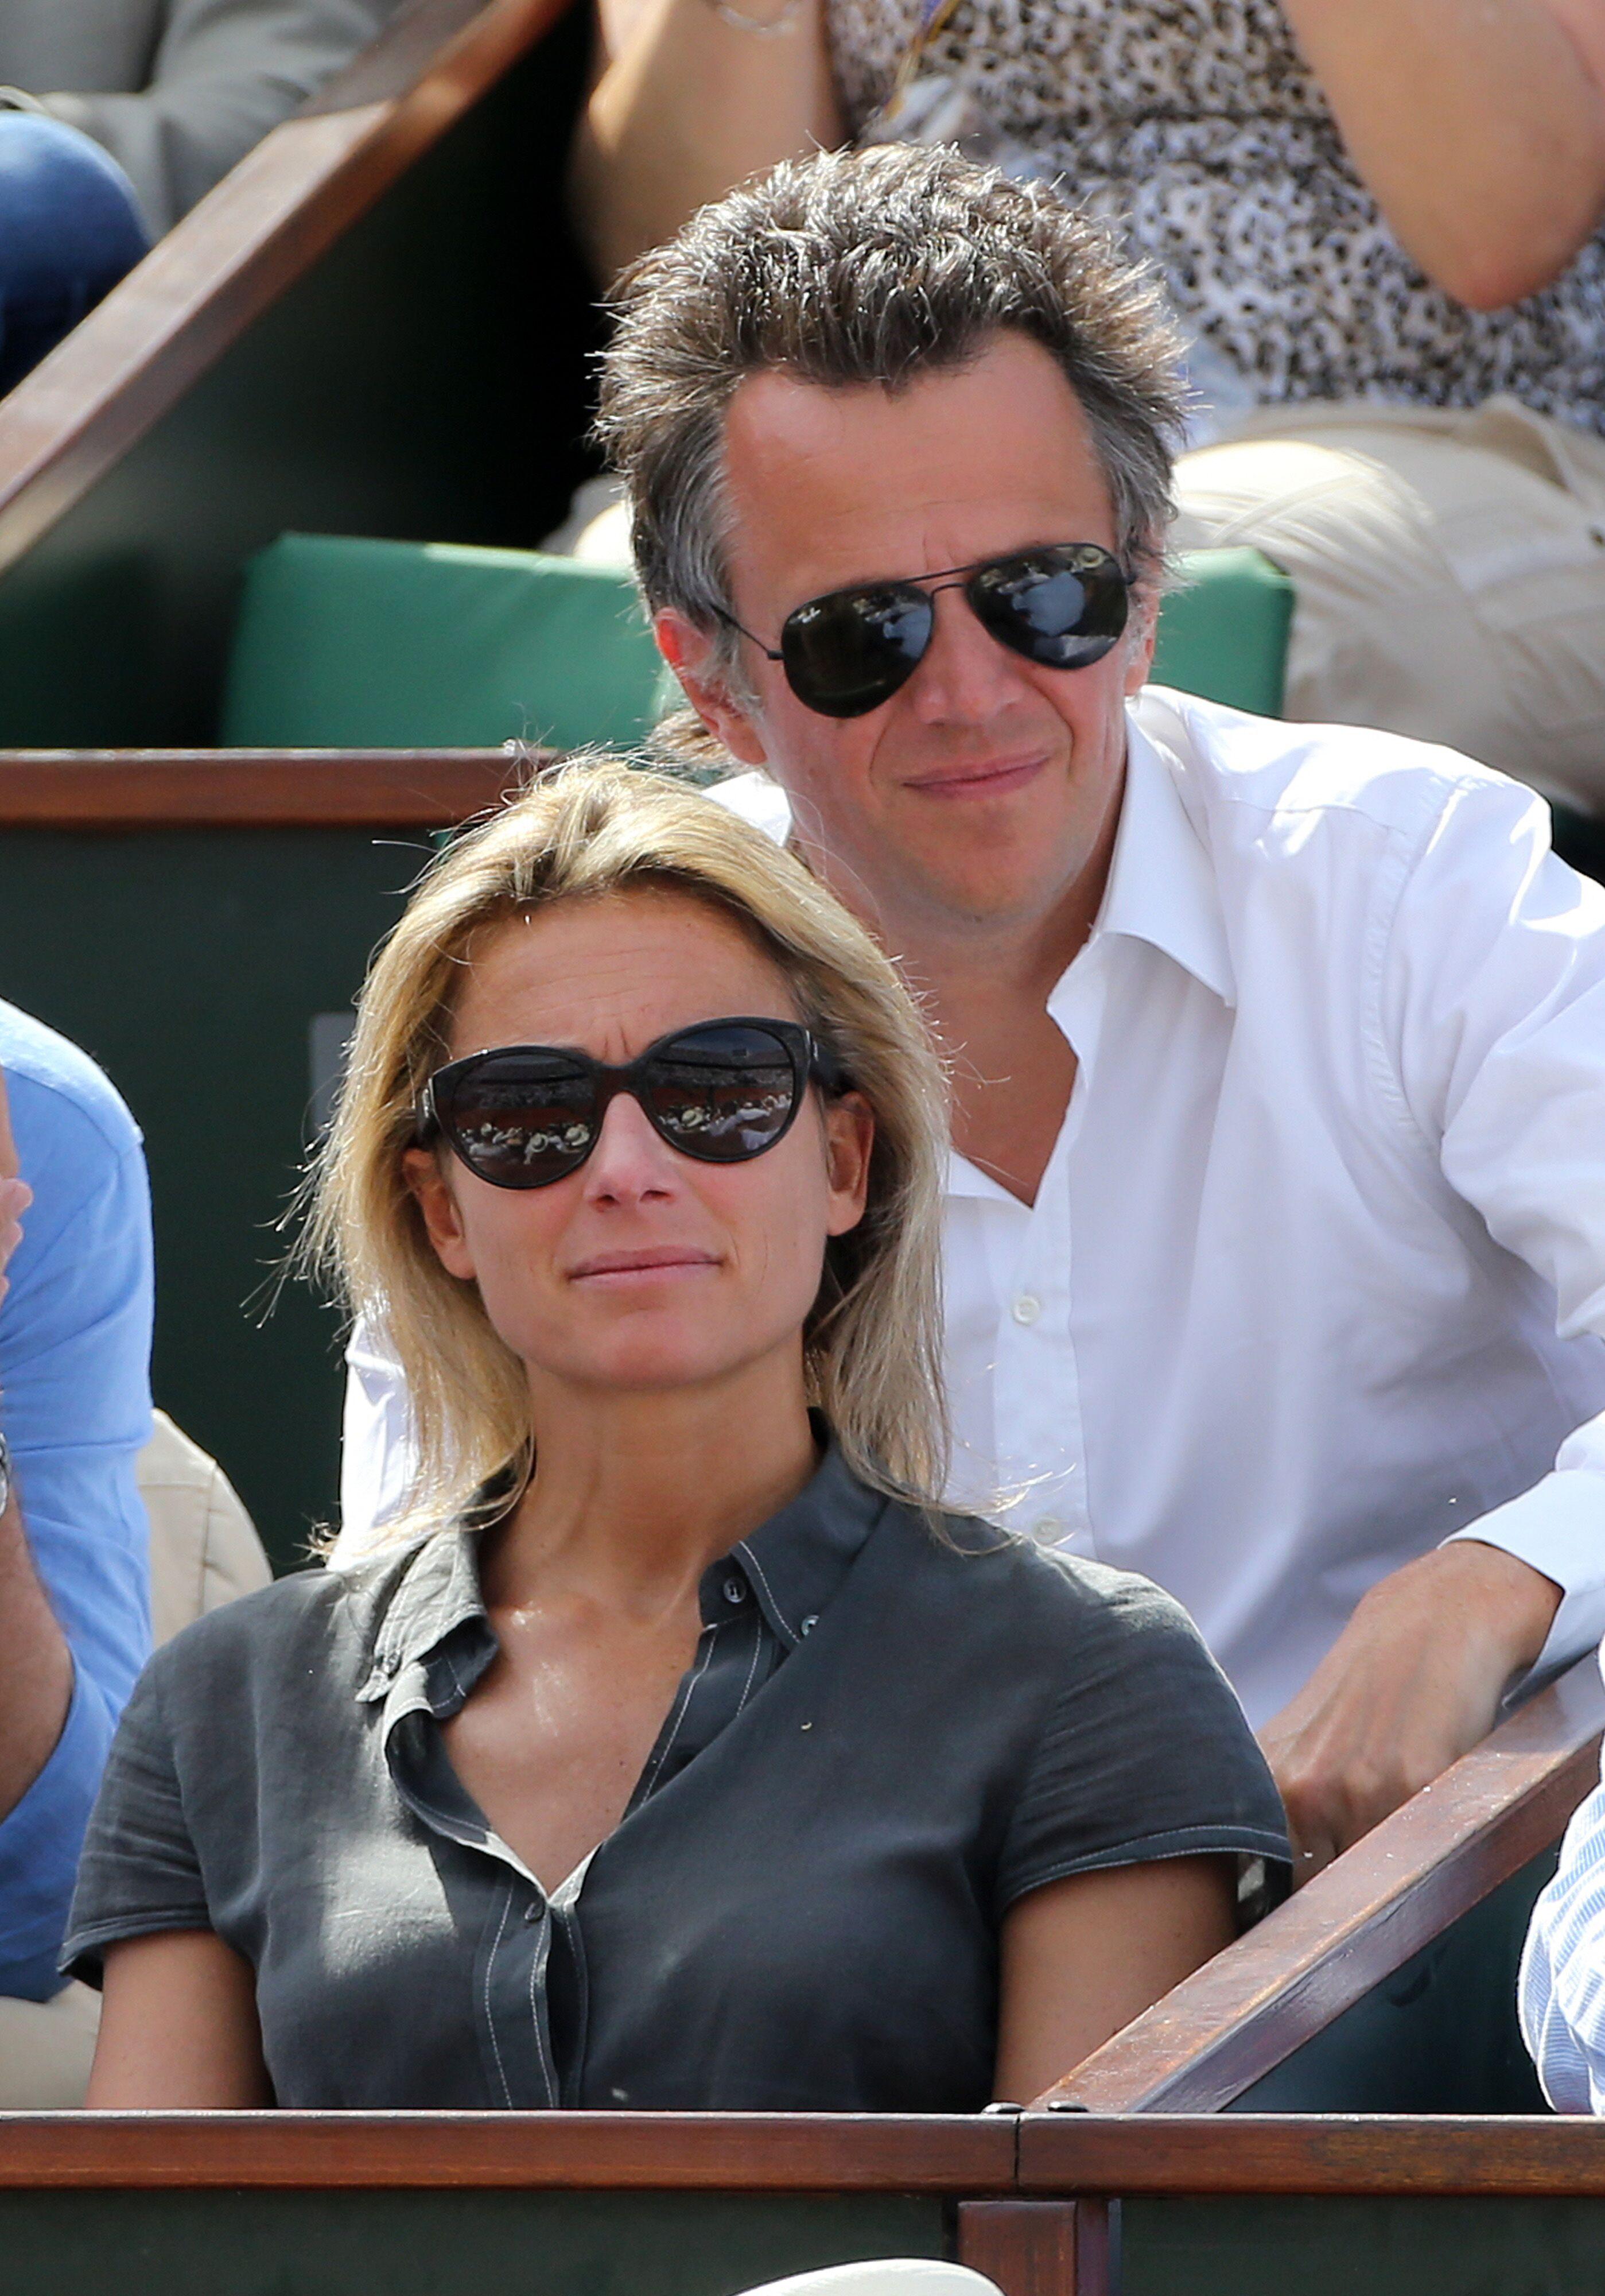 Anne-Sophie et son compagnon Arthur Sadoun. l Source : Getty Images